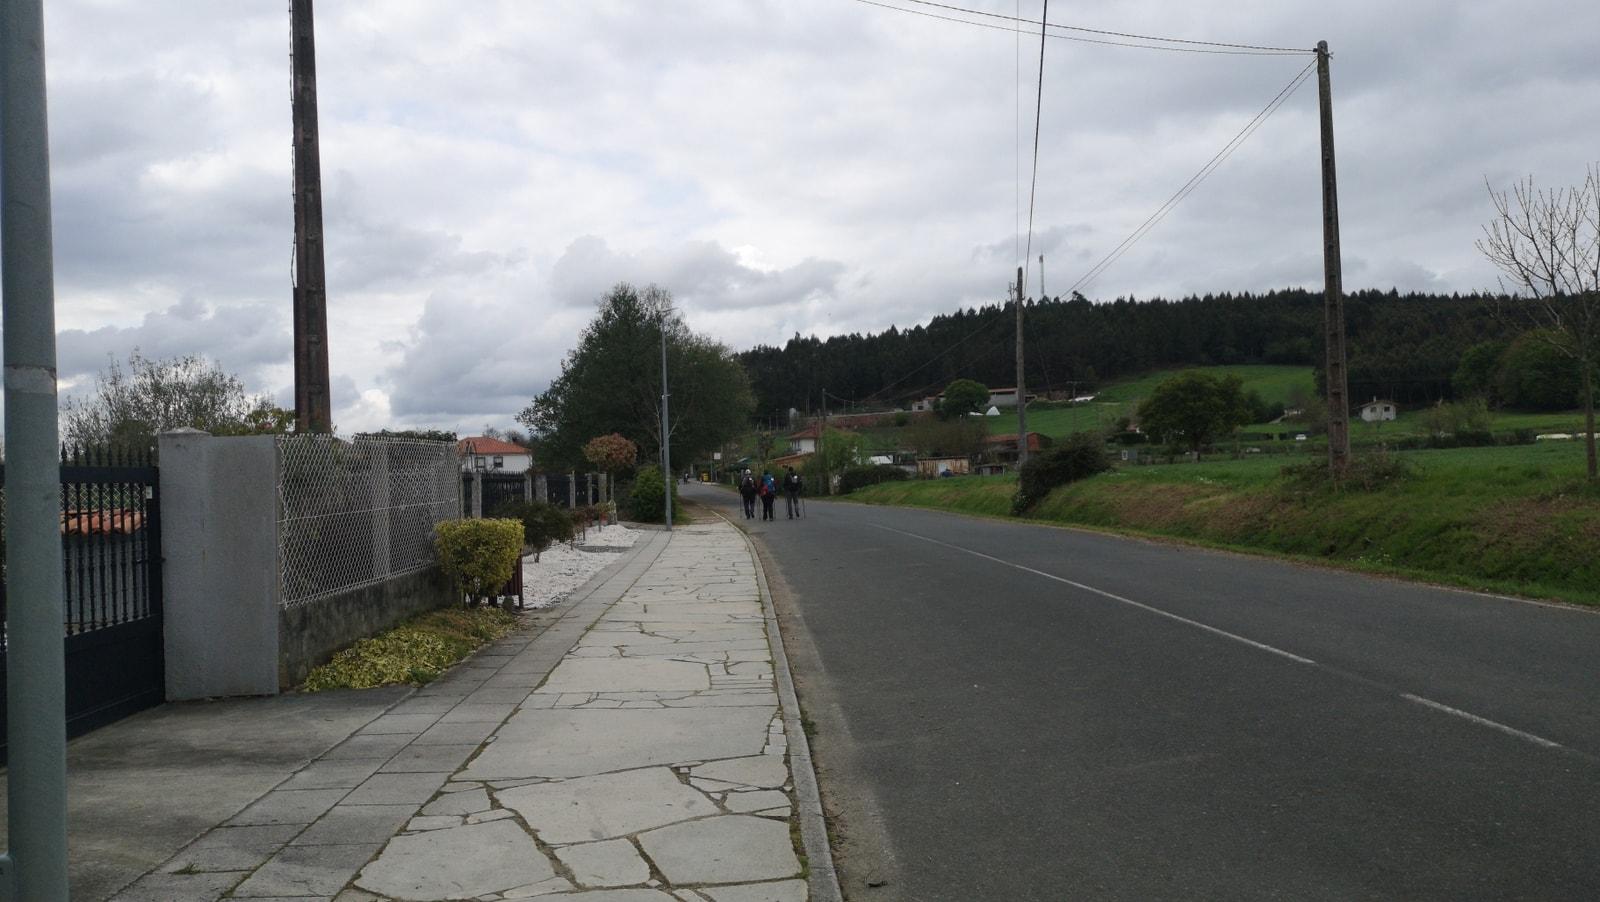 Von der Einsamkeit des Primitivos bleibt nicht mehr viel übrig, denn hier treffen der Camino Primitivo und der Frances zusammen.